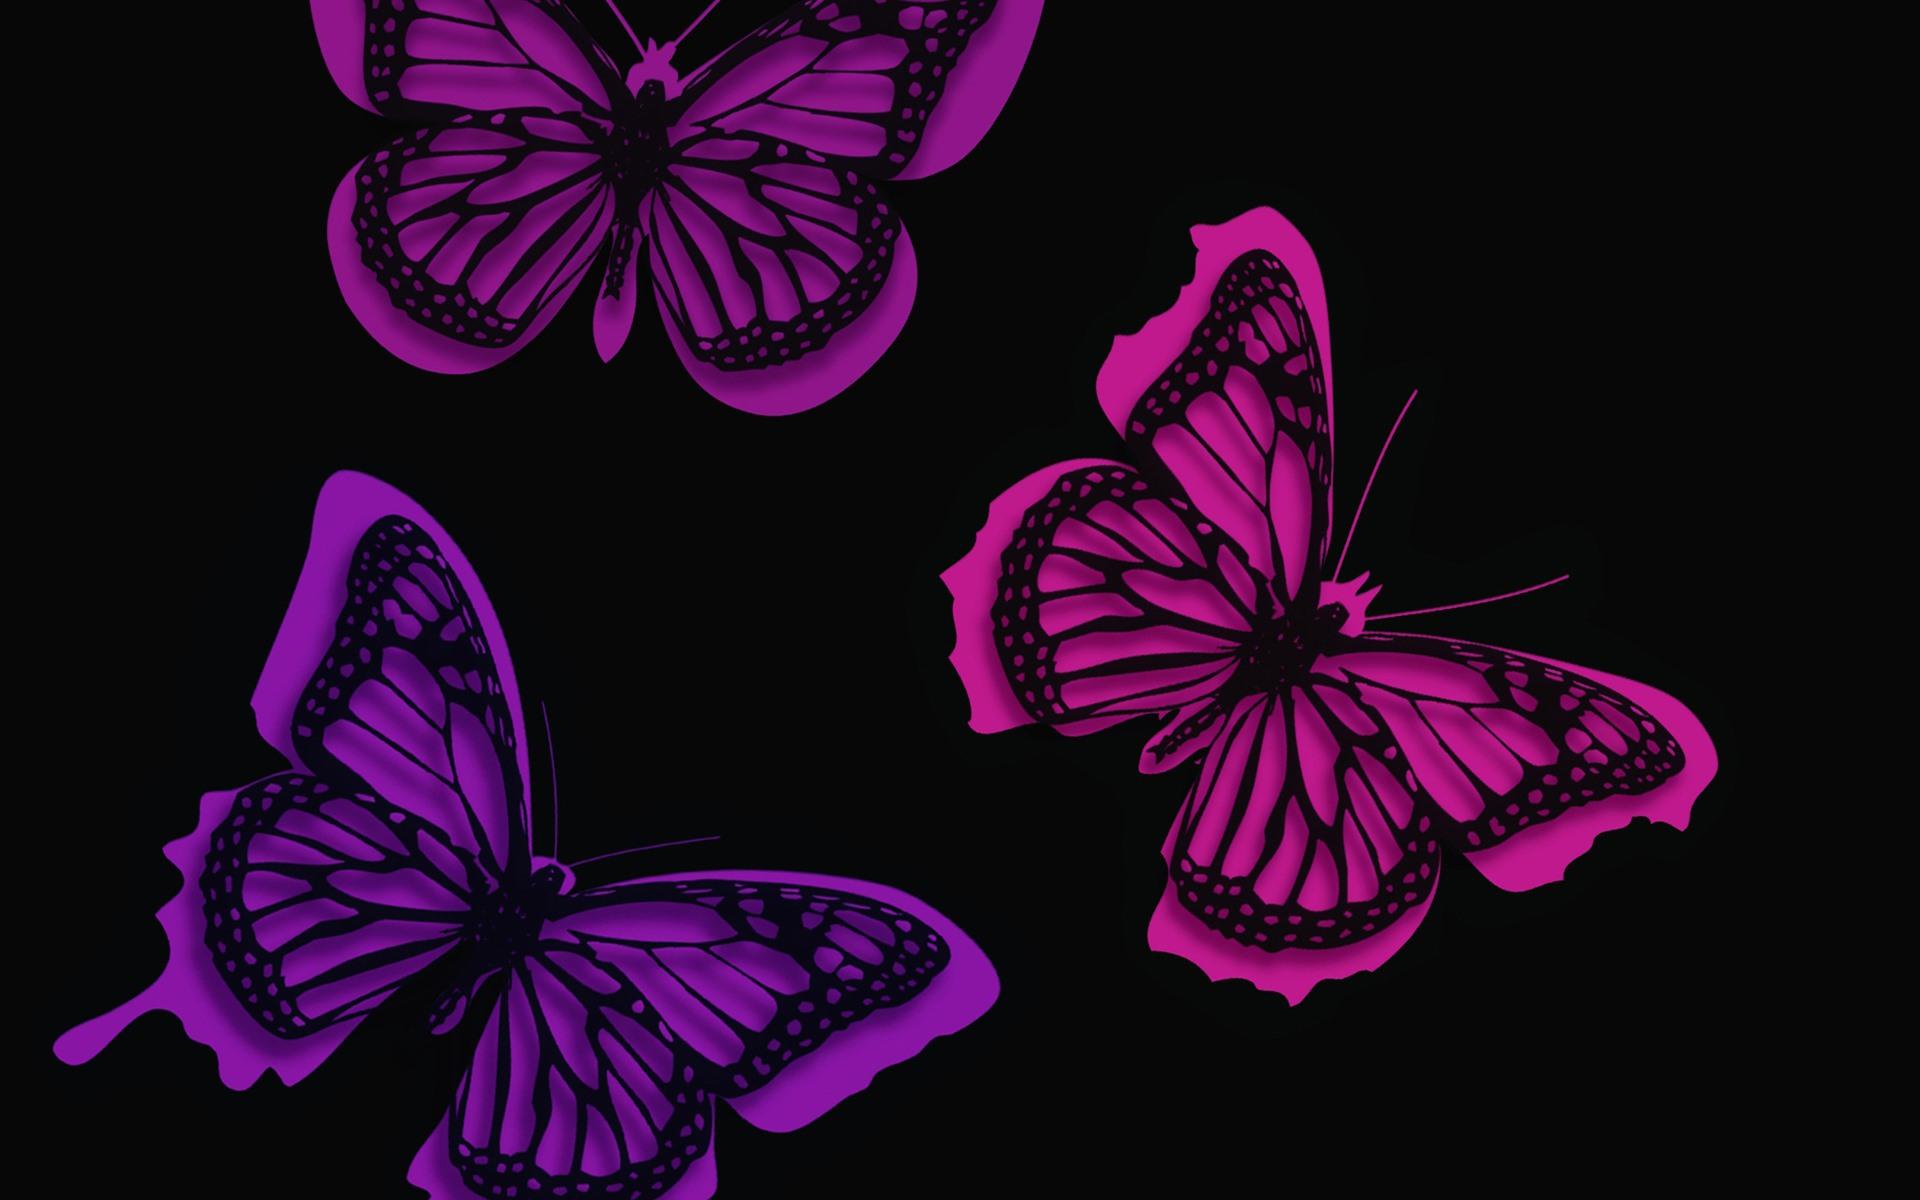 Картинки черные с фиолетовыми рисунками